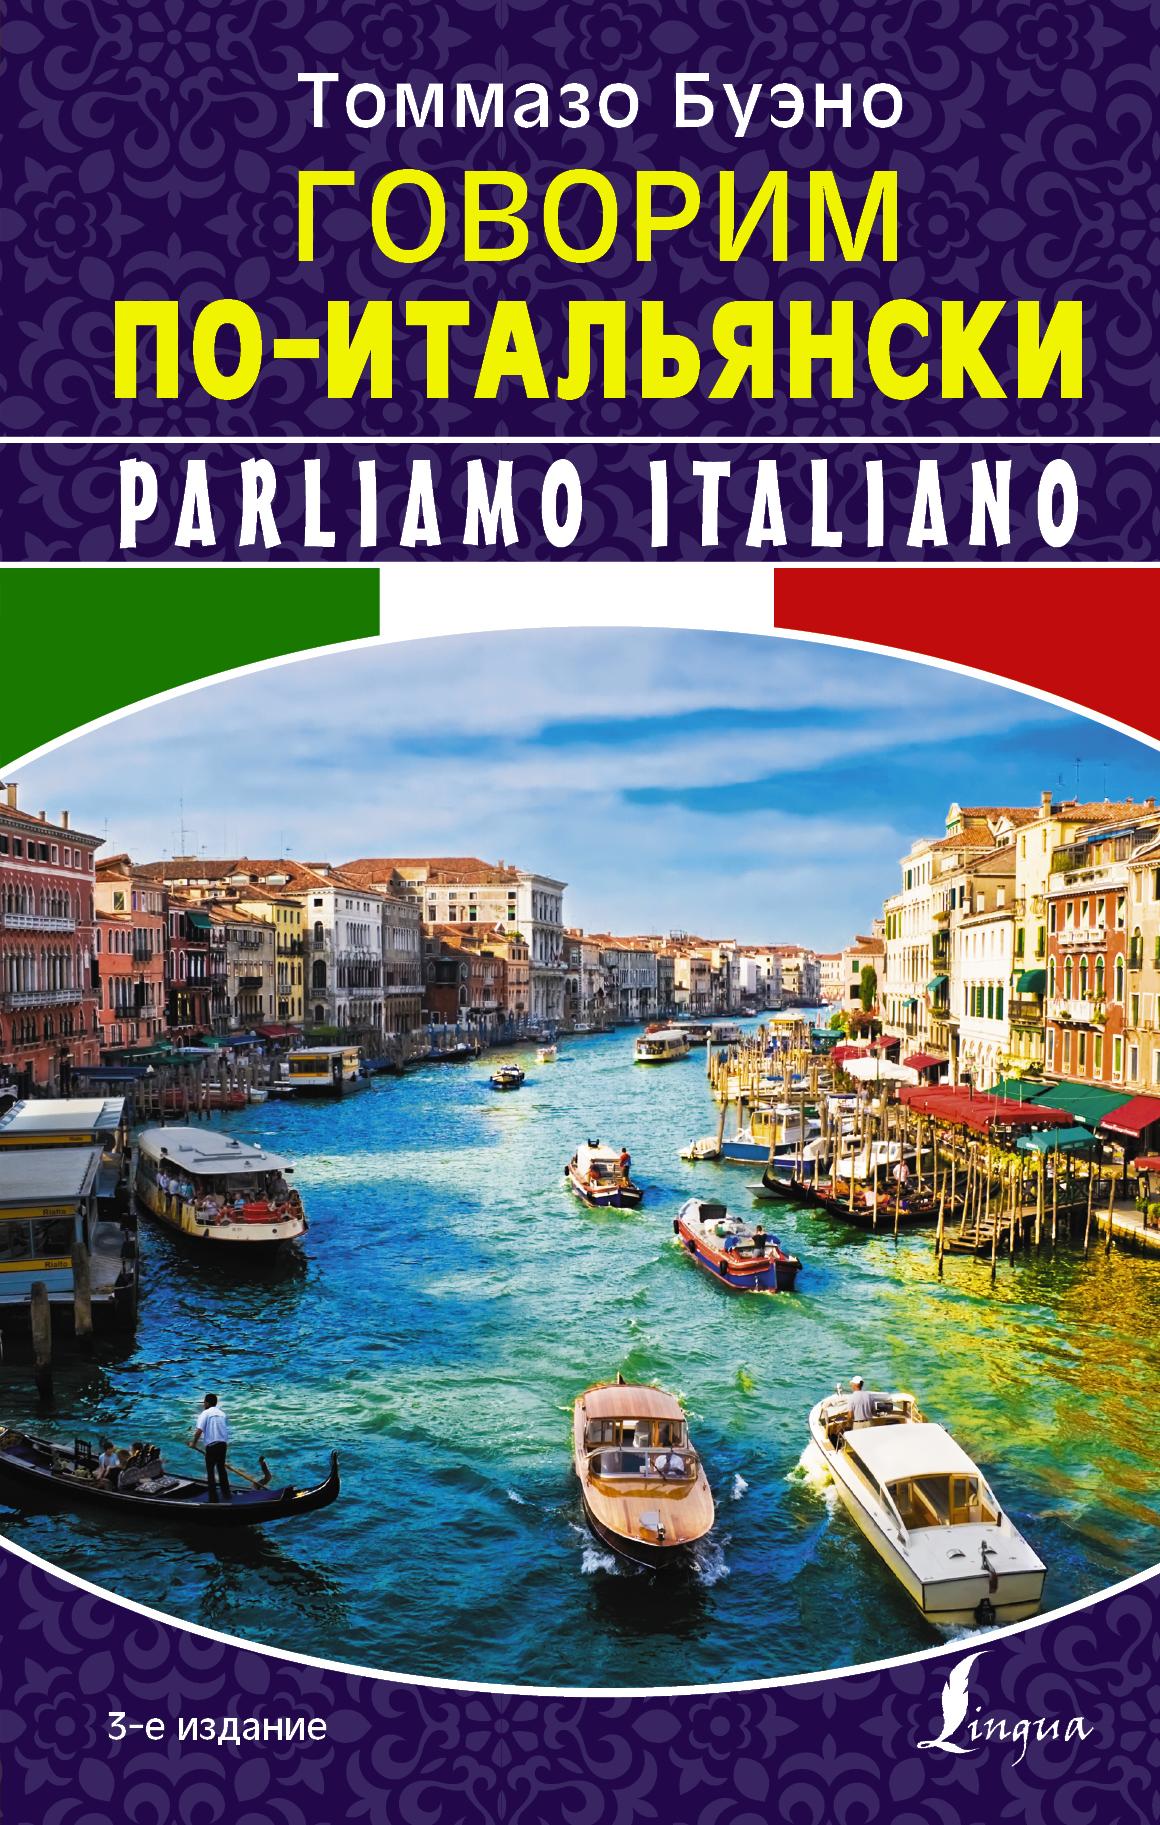 Томмазо Буэно Говорим по-итальянски